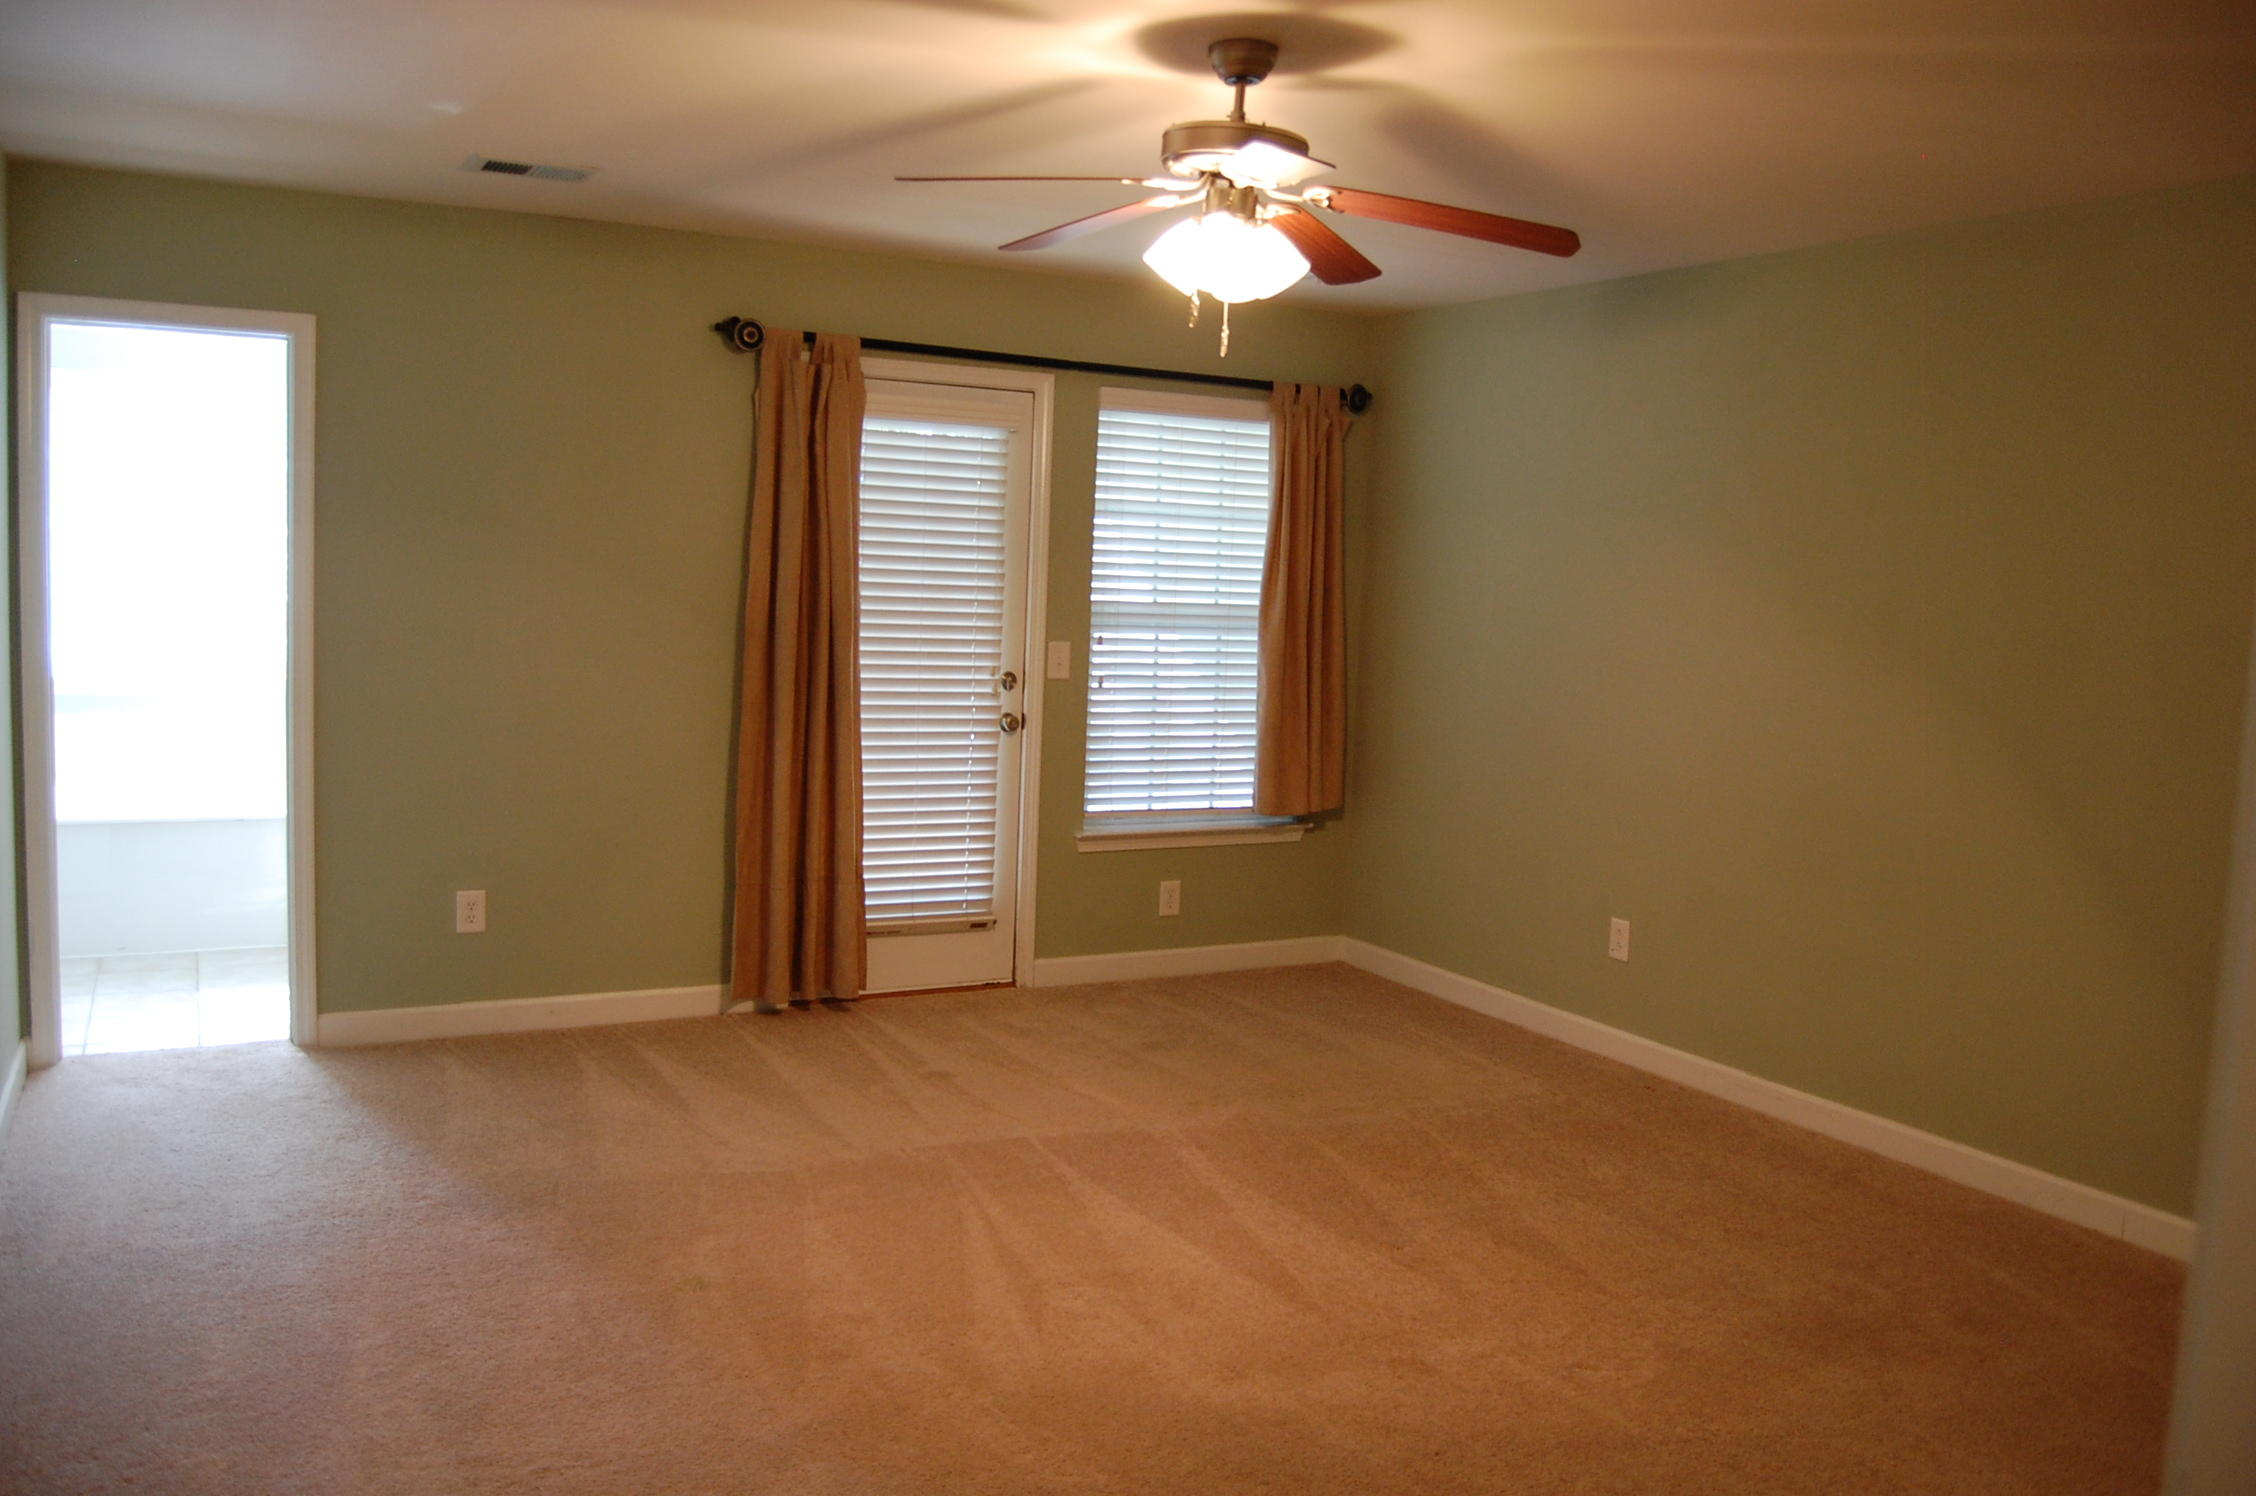 Park West Homes For Sale - 3529 Claremont, Mount Pleasant, SC - 10